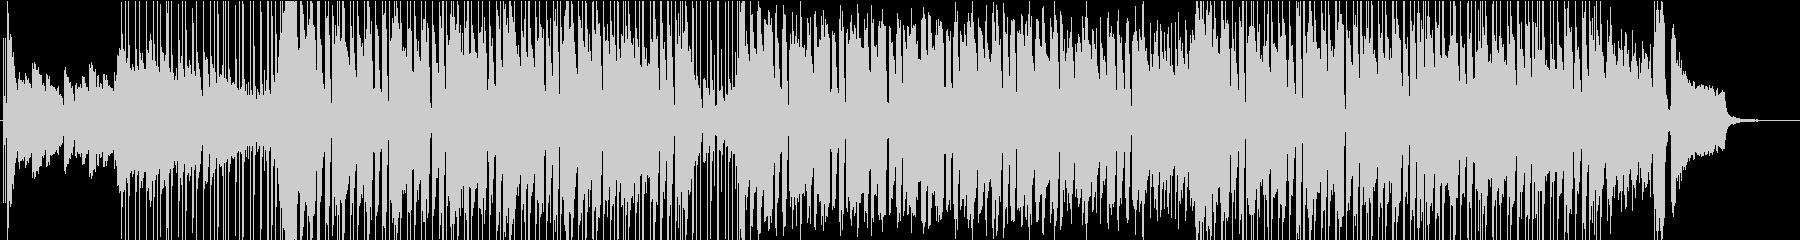 ポップ要素を多く含んだBGMの未再生の波形